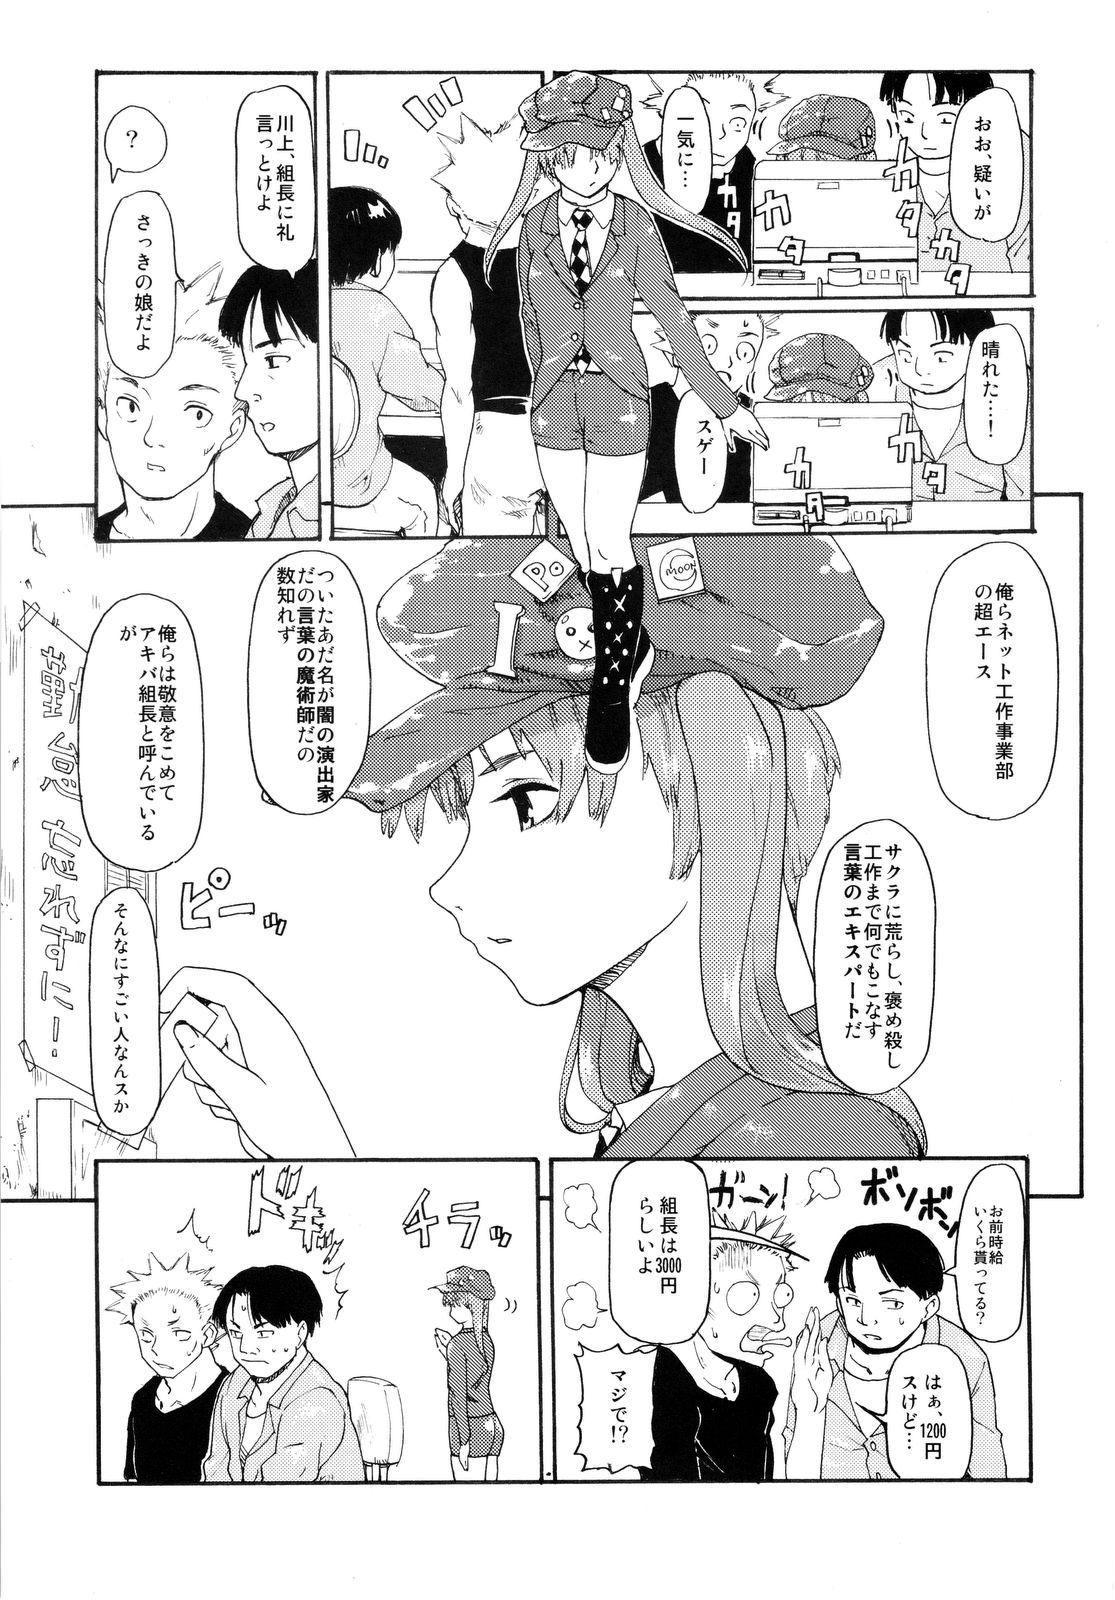 (C74) [Paranoia Cat (Fujiwara Shunichi)] Akogare no Hito -Himitsu no Isshuukan- #2 29